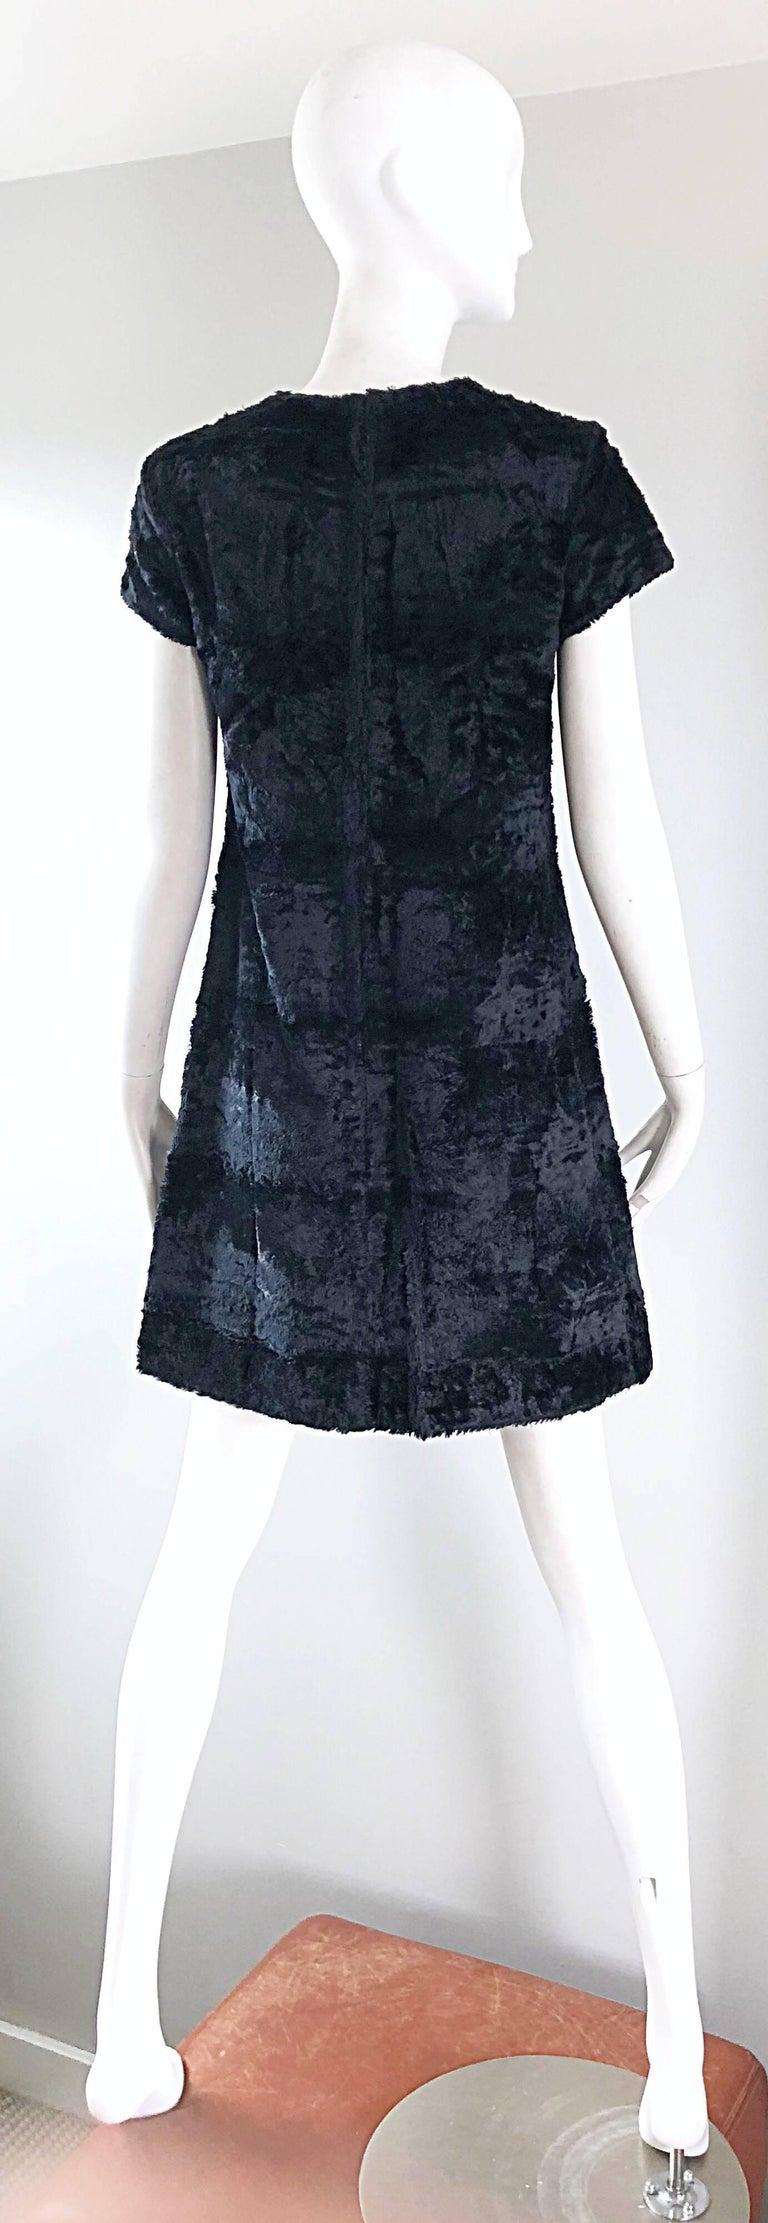 Chic 1960s Saks 5th Avenue Faux Fur Black Shift A - Line Mod Vintage 60s Dress For Sale 1